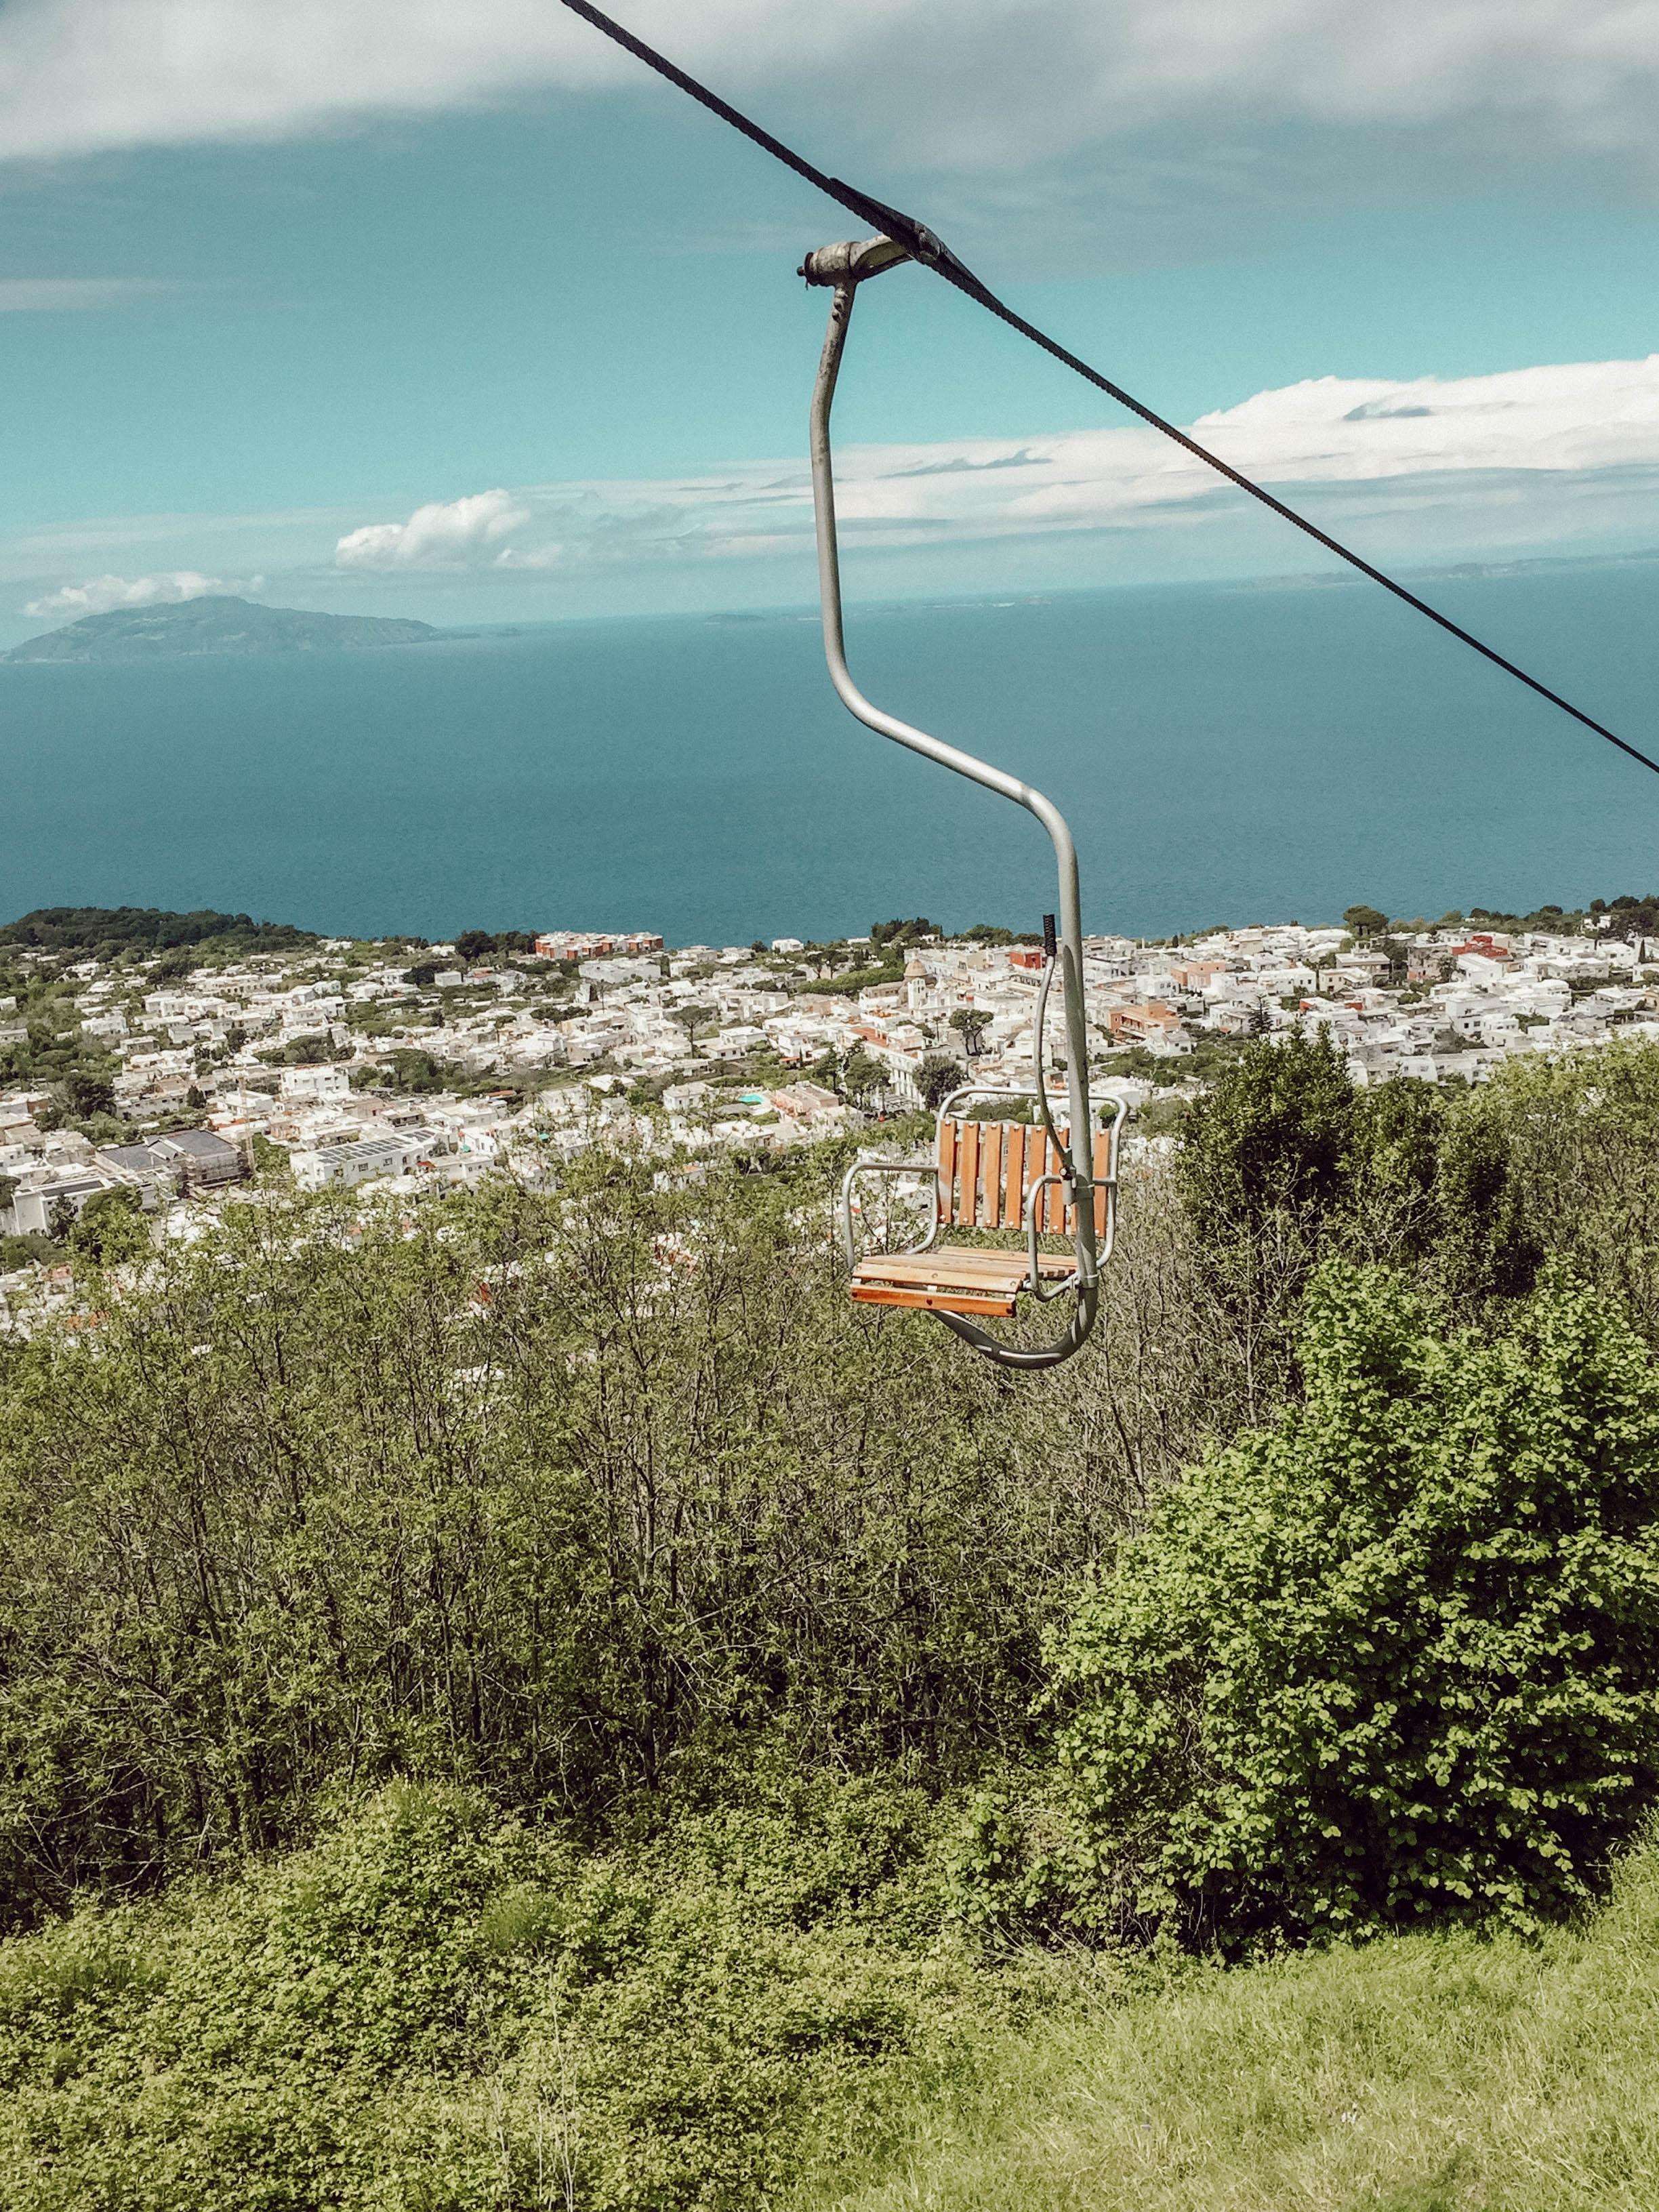 Chairlift to Anacapri